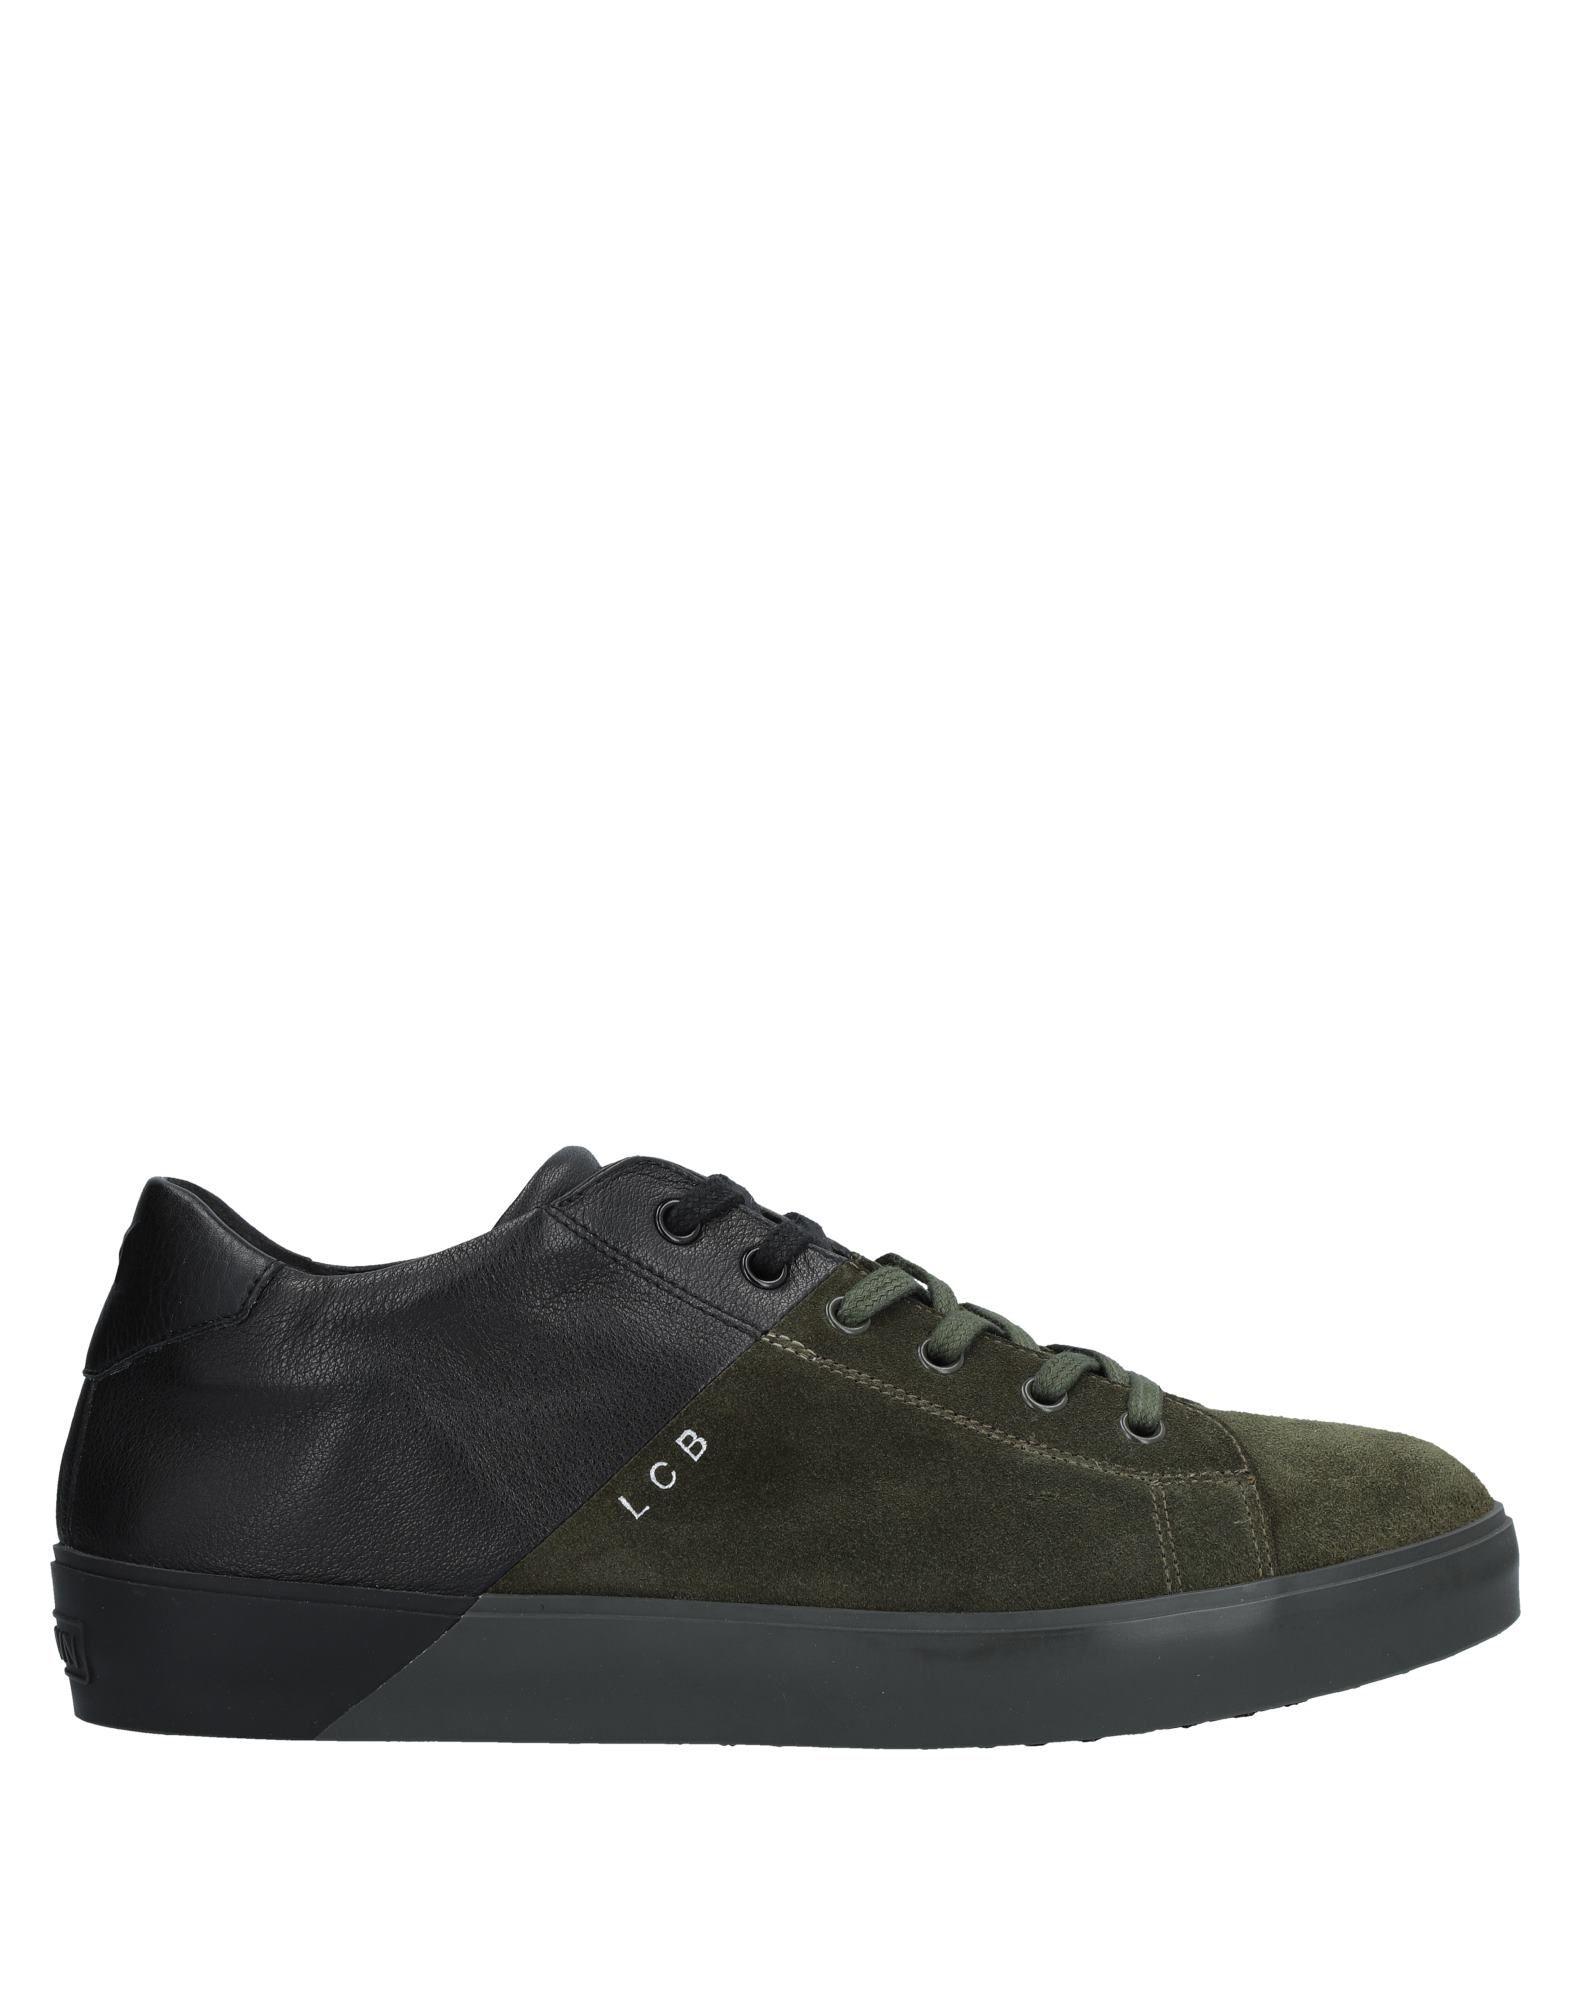 Leather Crown Sneakers 11537573RK Herren  11537573RK Sneakers cbb293